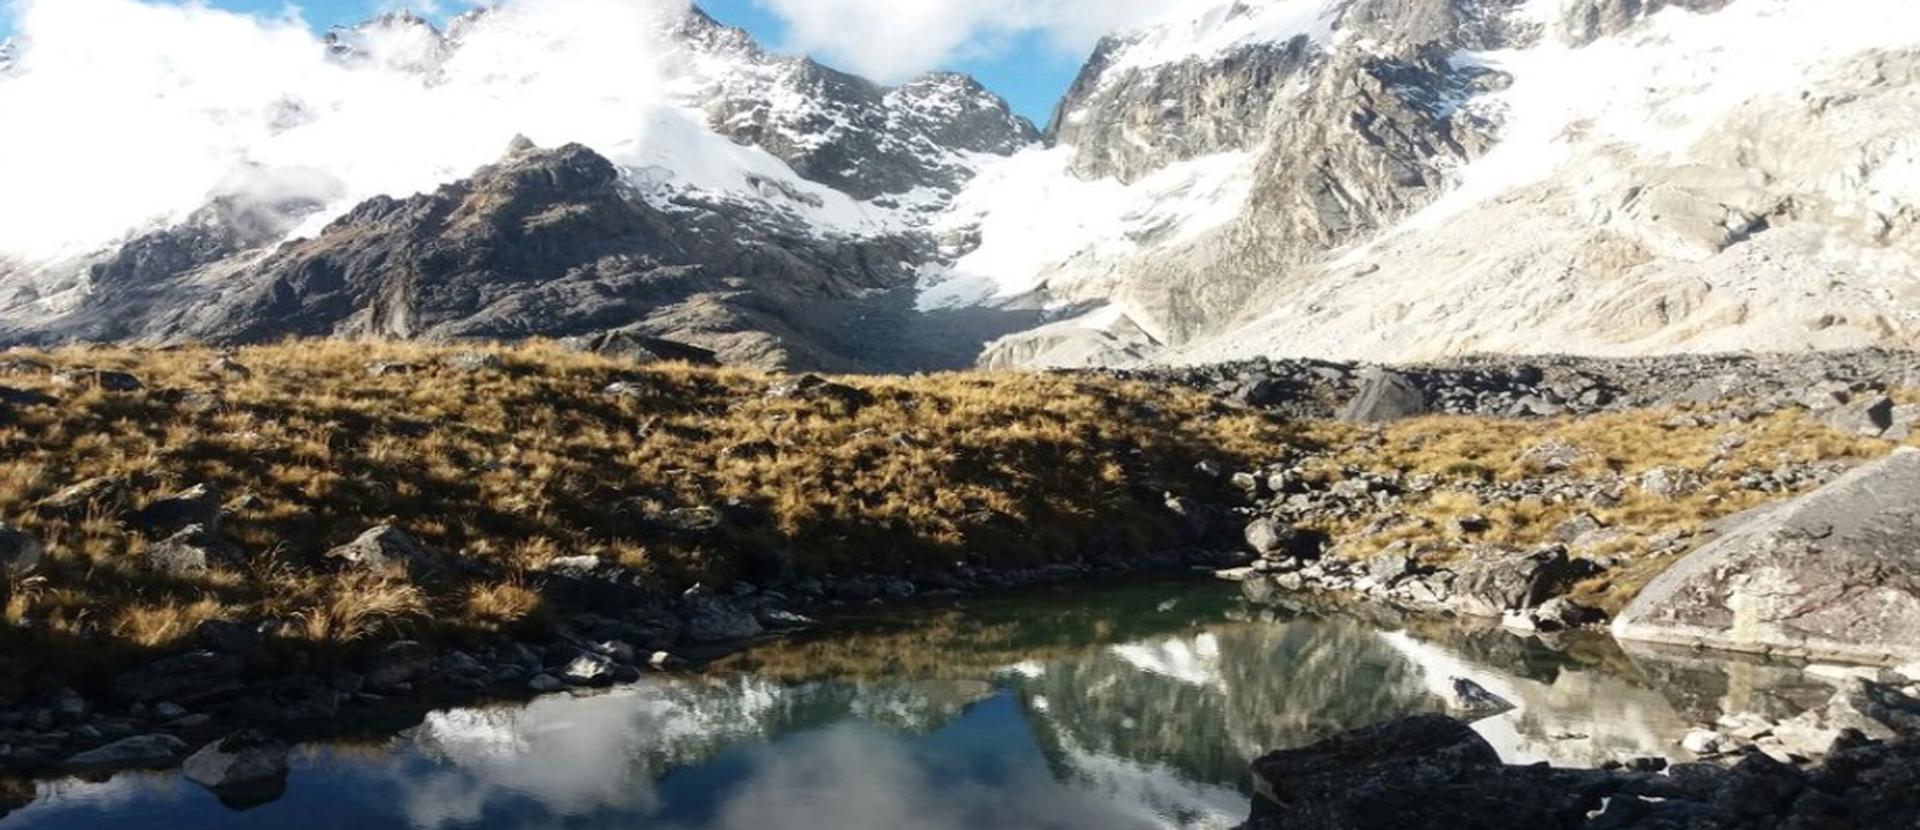 Salkantay Trek a MachuPicchu 5 dias - Inka Jungle Treks